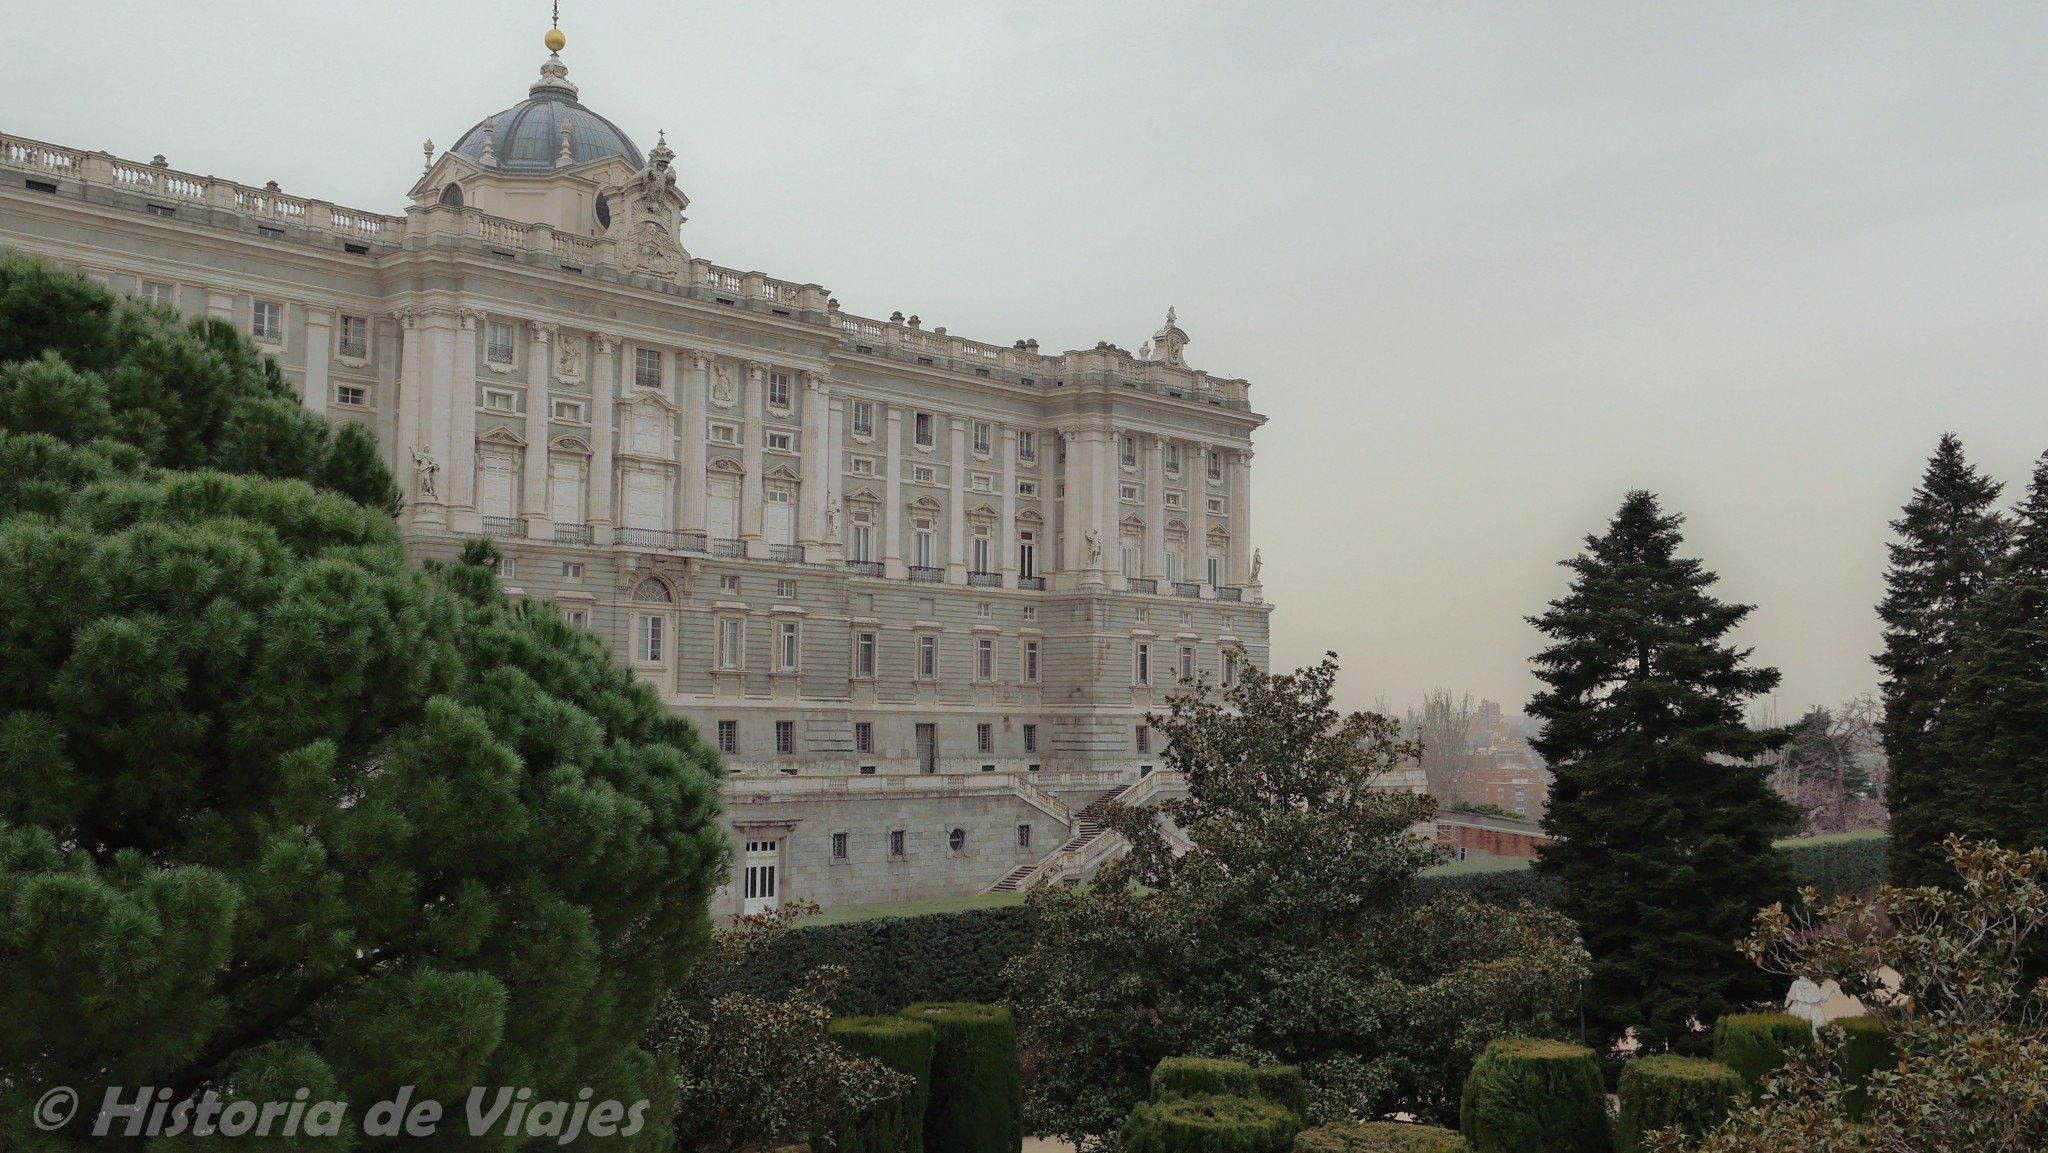 Palaciodelosreyes_1